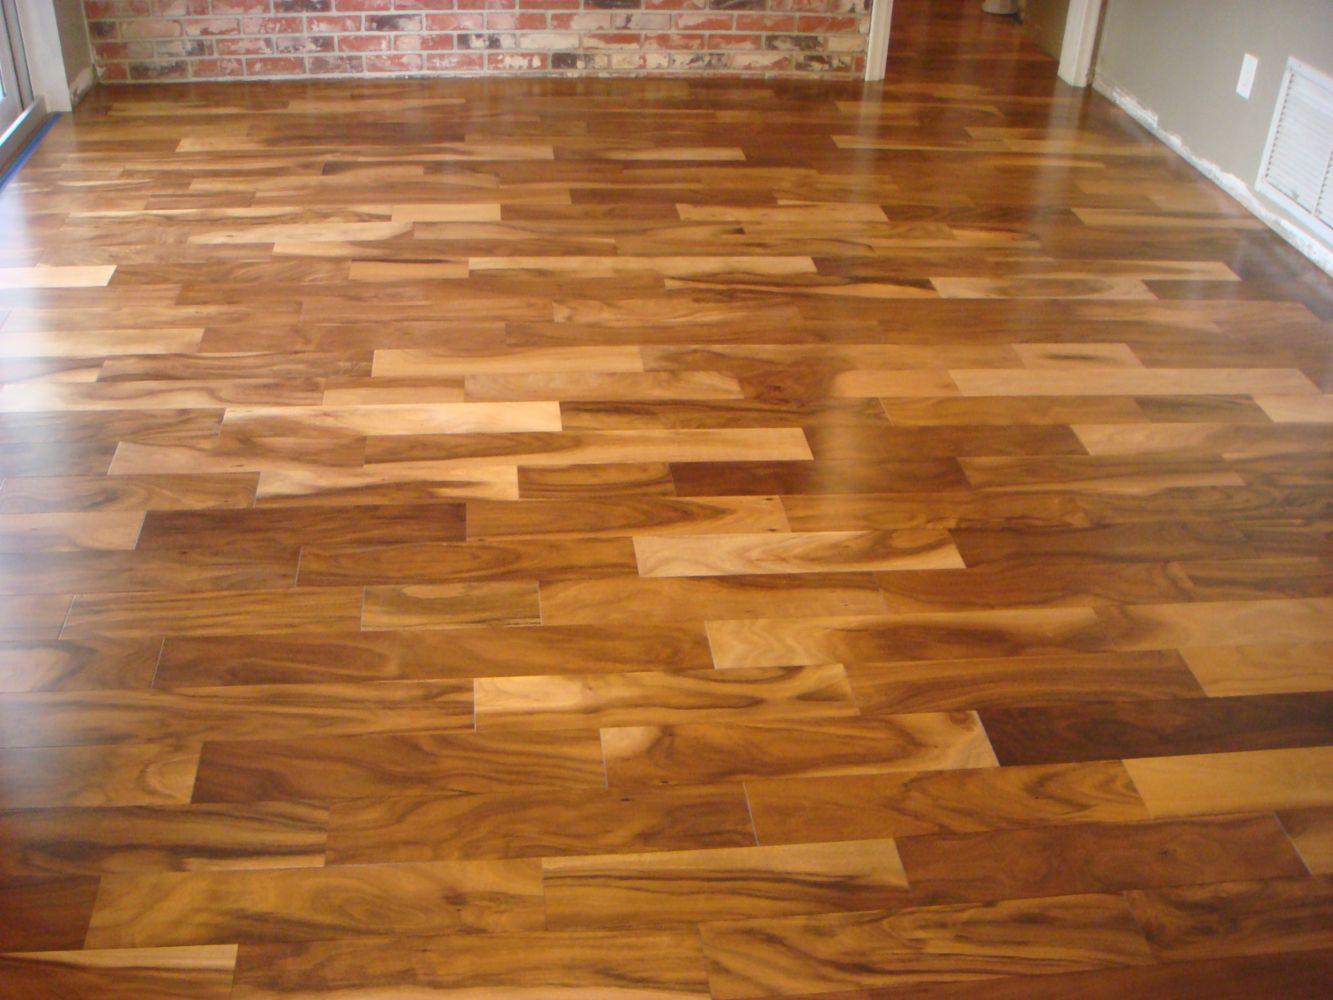 Wood floor sanding refinishing in fort lauderdale fl for True hardwood flooring